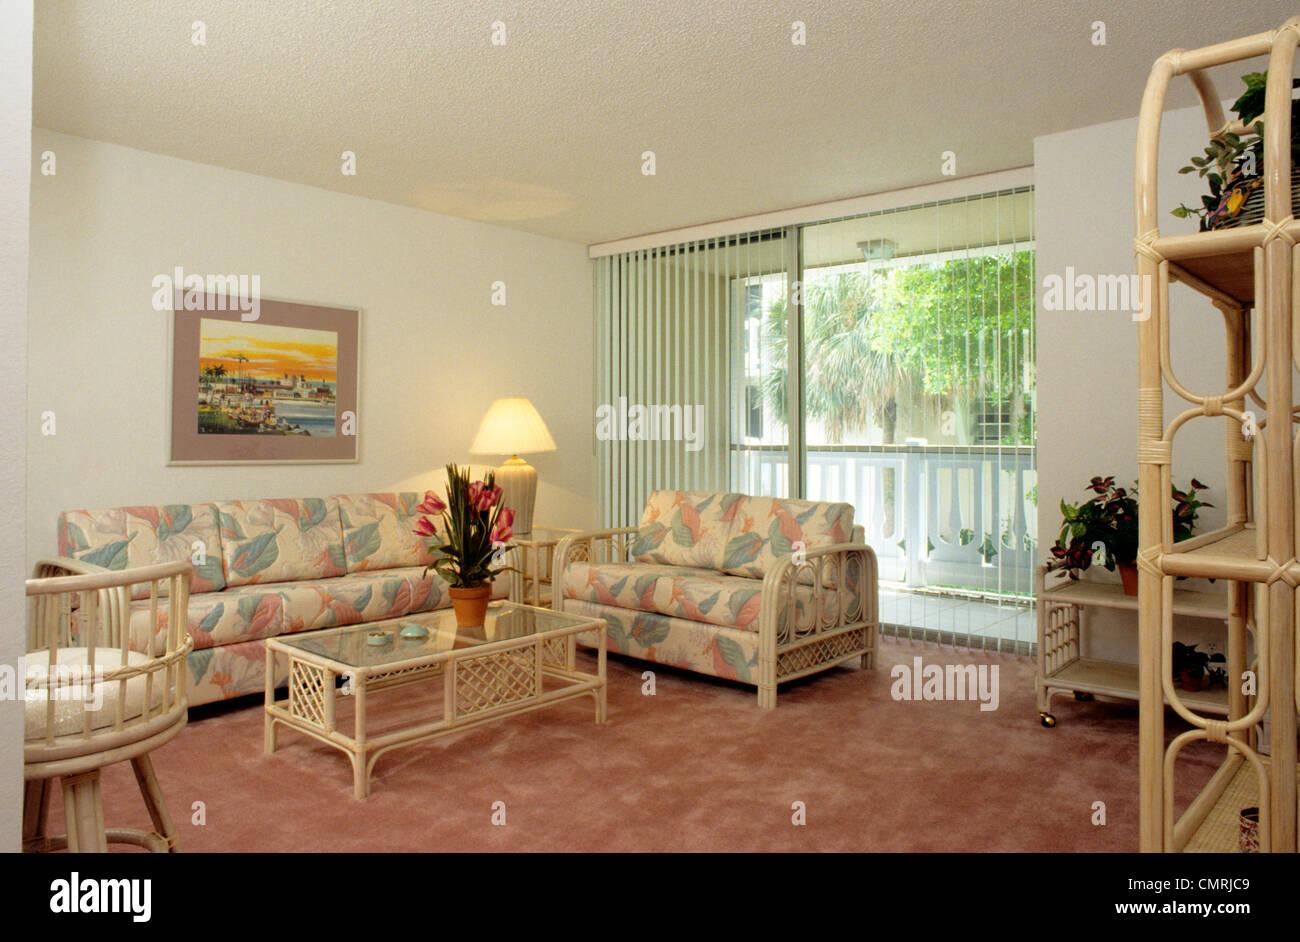 Wand Mobel Wohnzimmer ~ Er jahre wohnzimmer rosa pastell mÖbel wand zu wand teppich